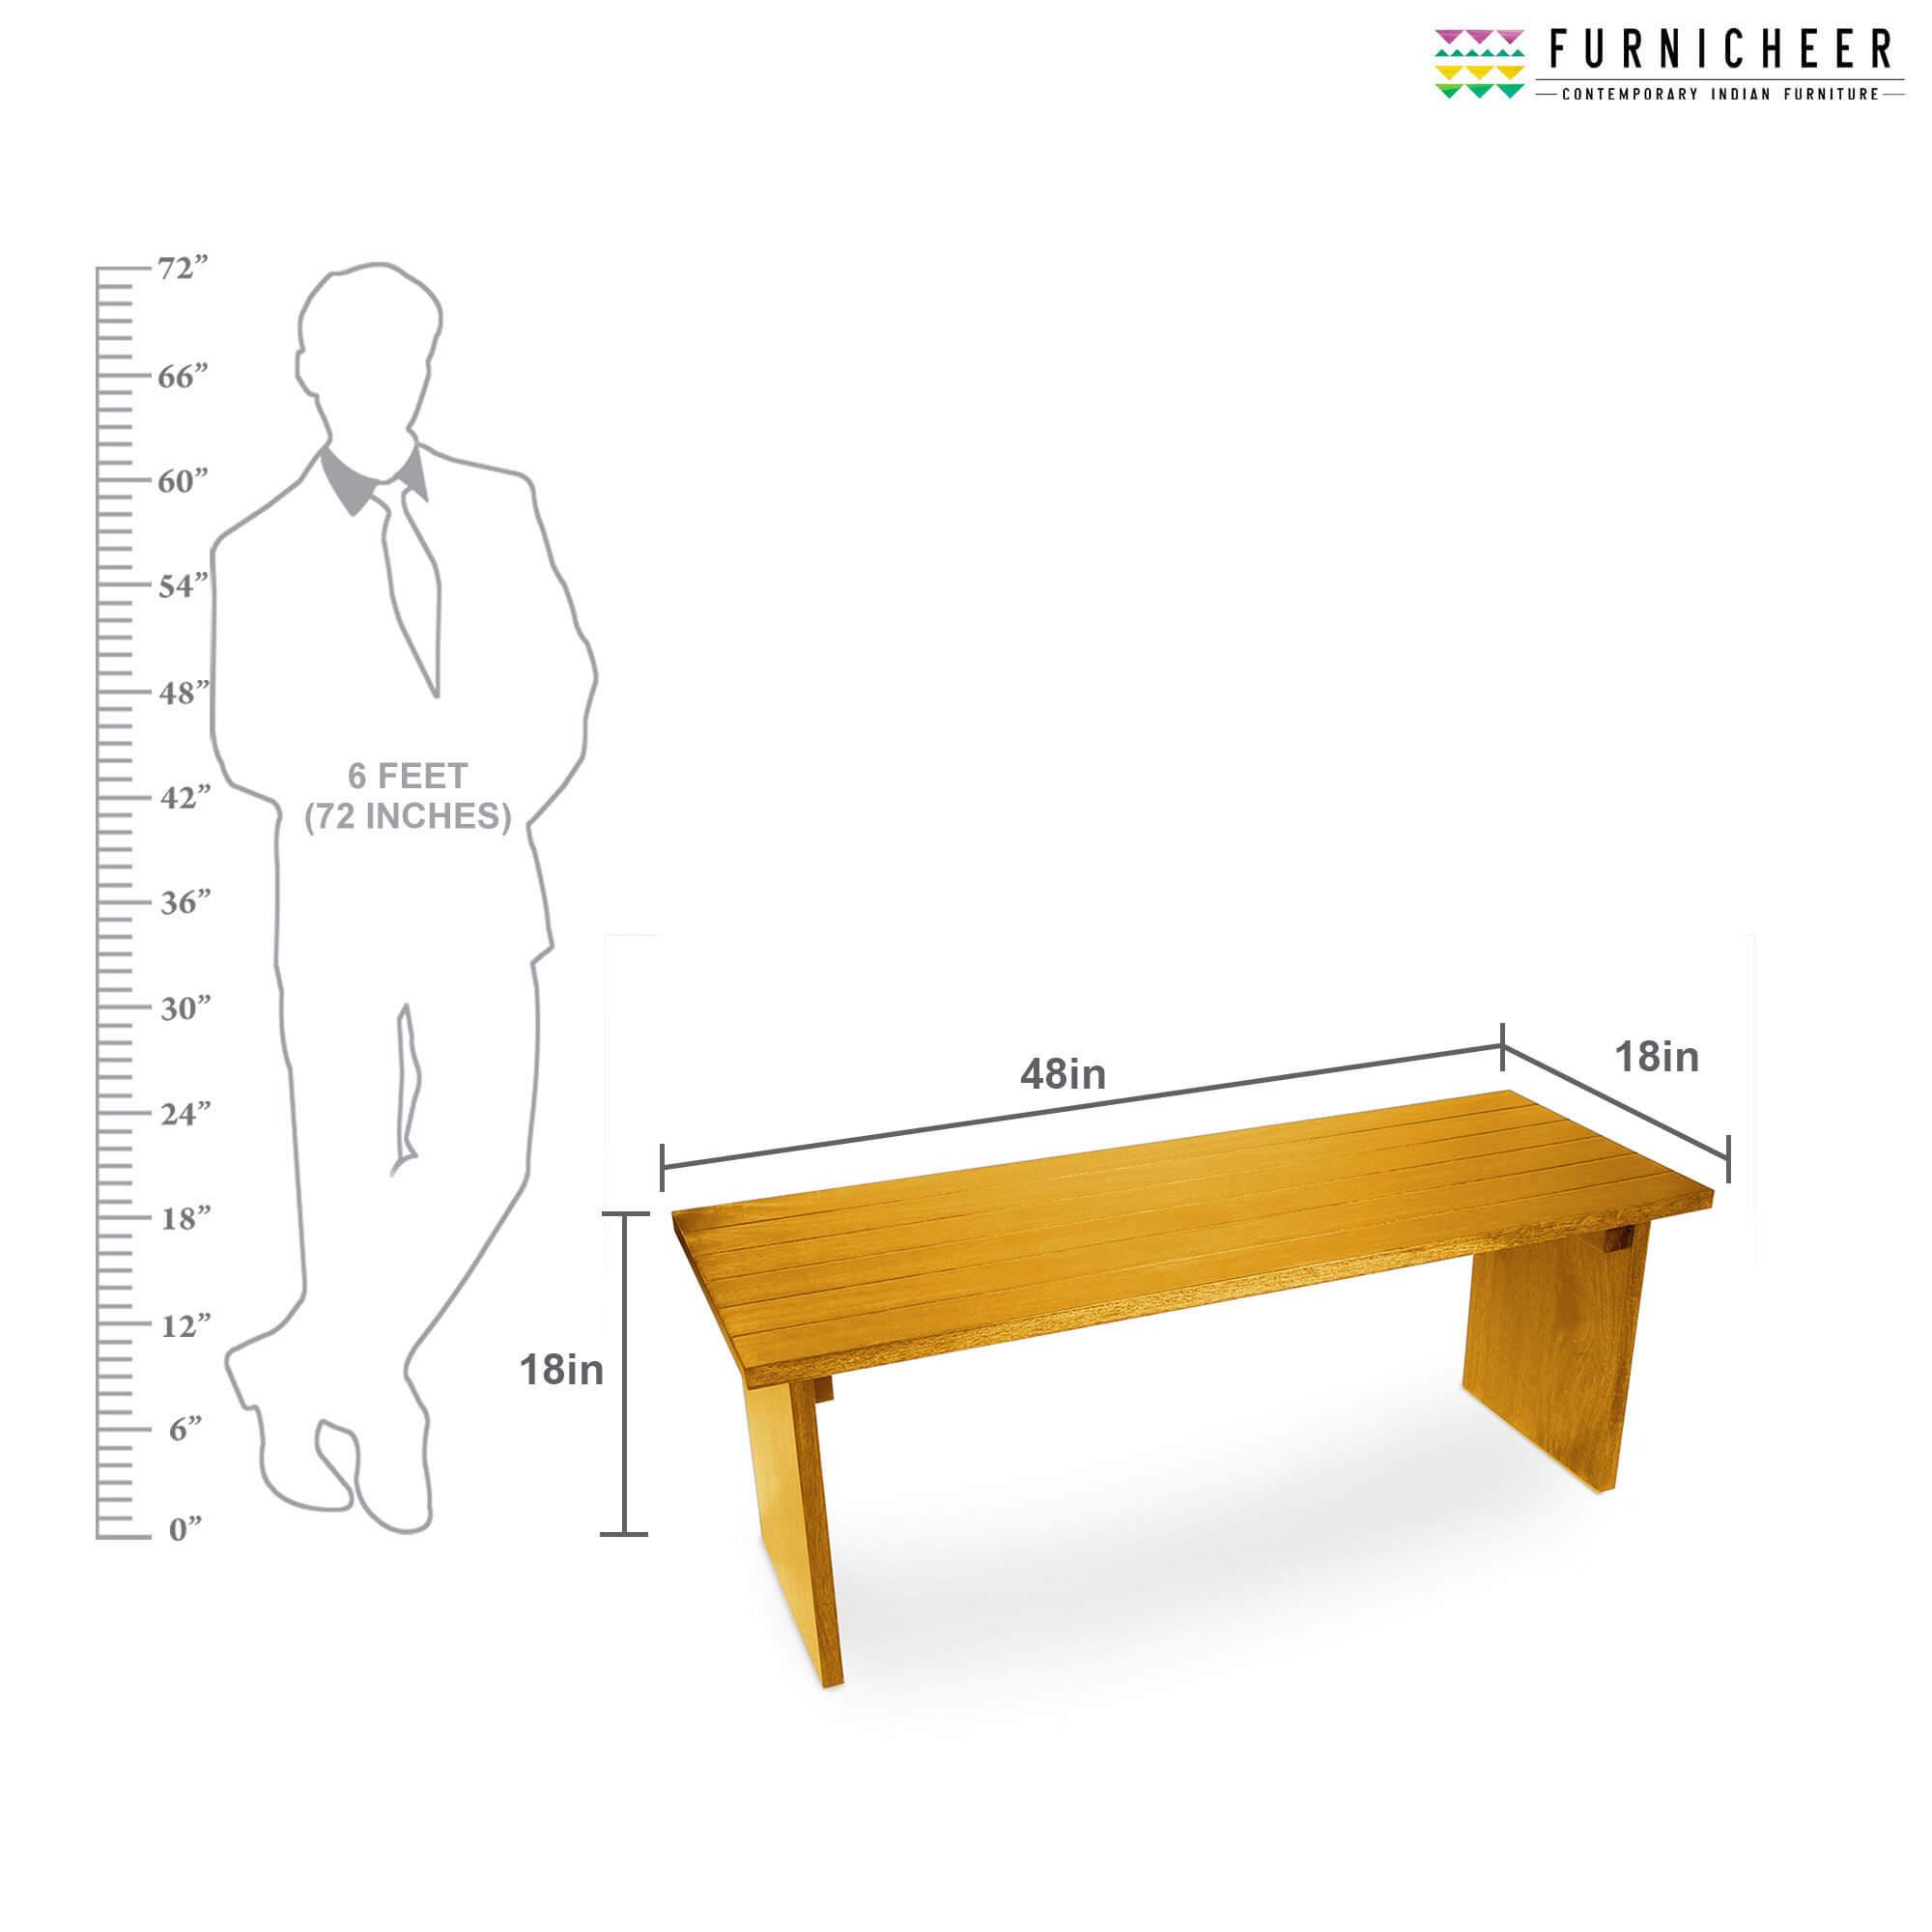 Bench-BNLY2108-3